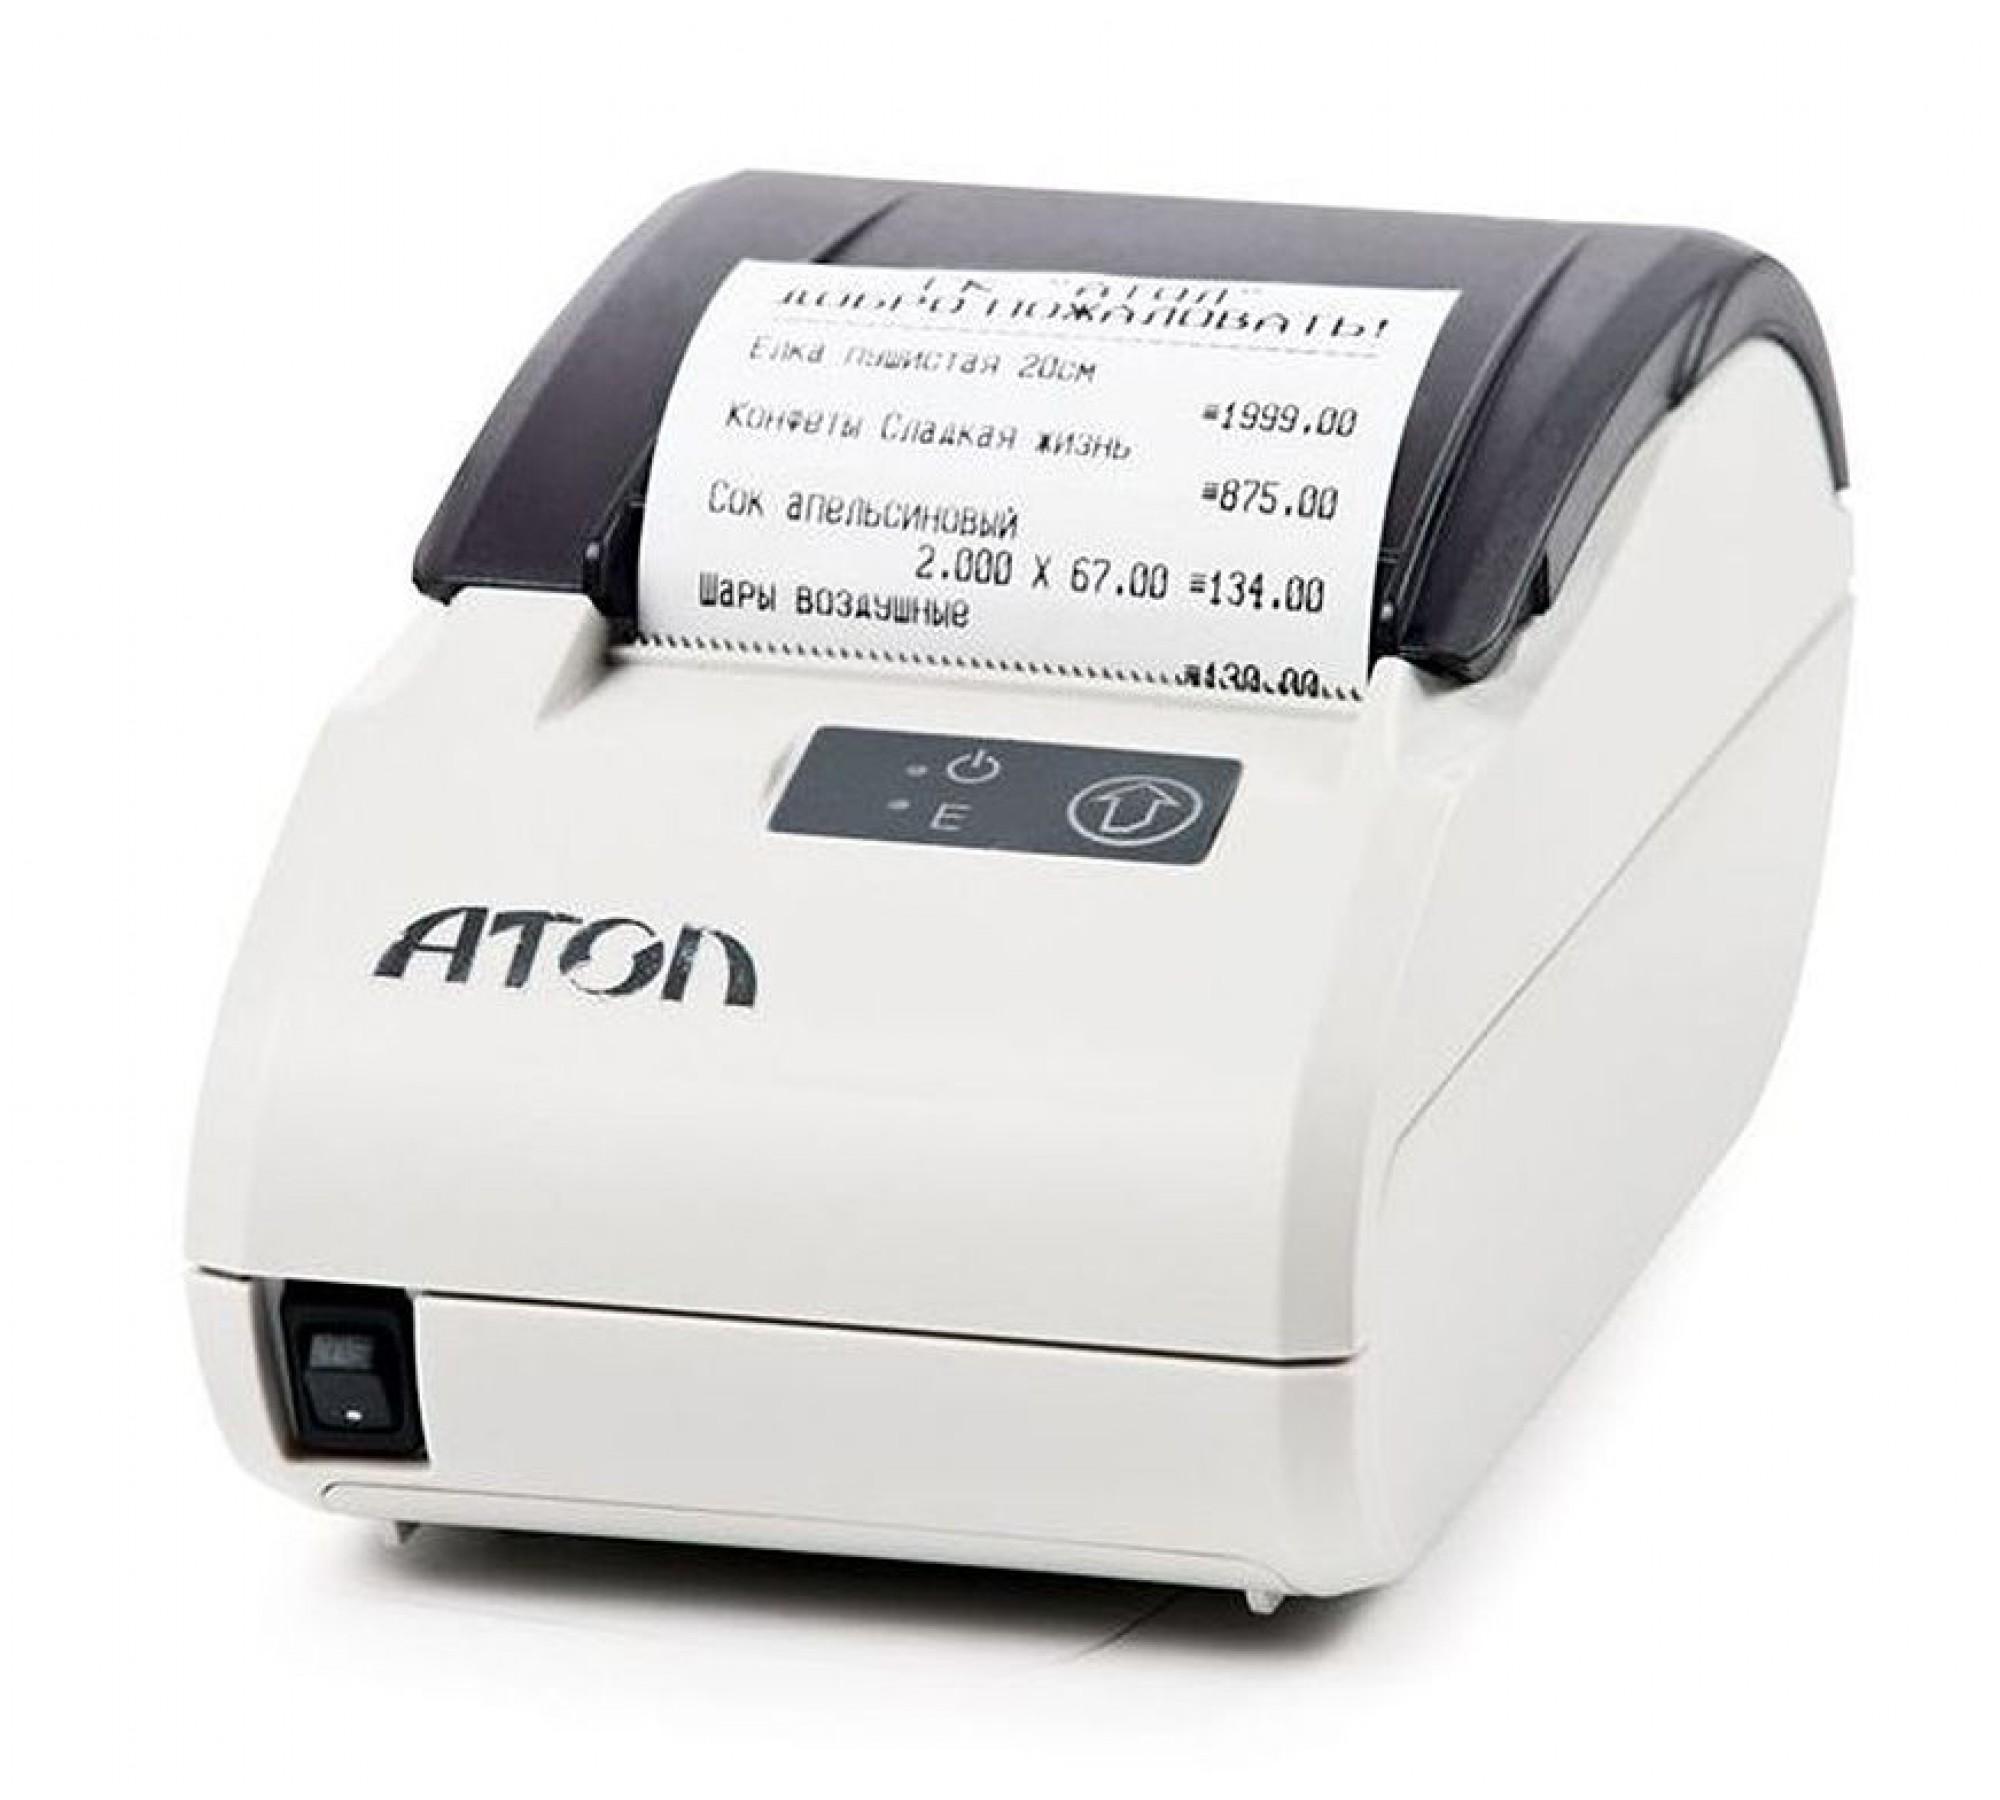 Фискальный регистратор АТОЛ 11Ф Мобильный, ФН 15 месяцев, RS+USB (BT/2G/АКБ)+АКЦИЯ!!! Сканер ШК или Детектор валют в подарок!